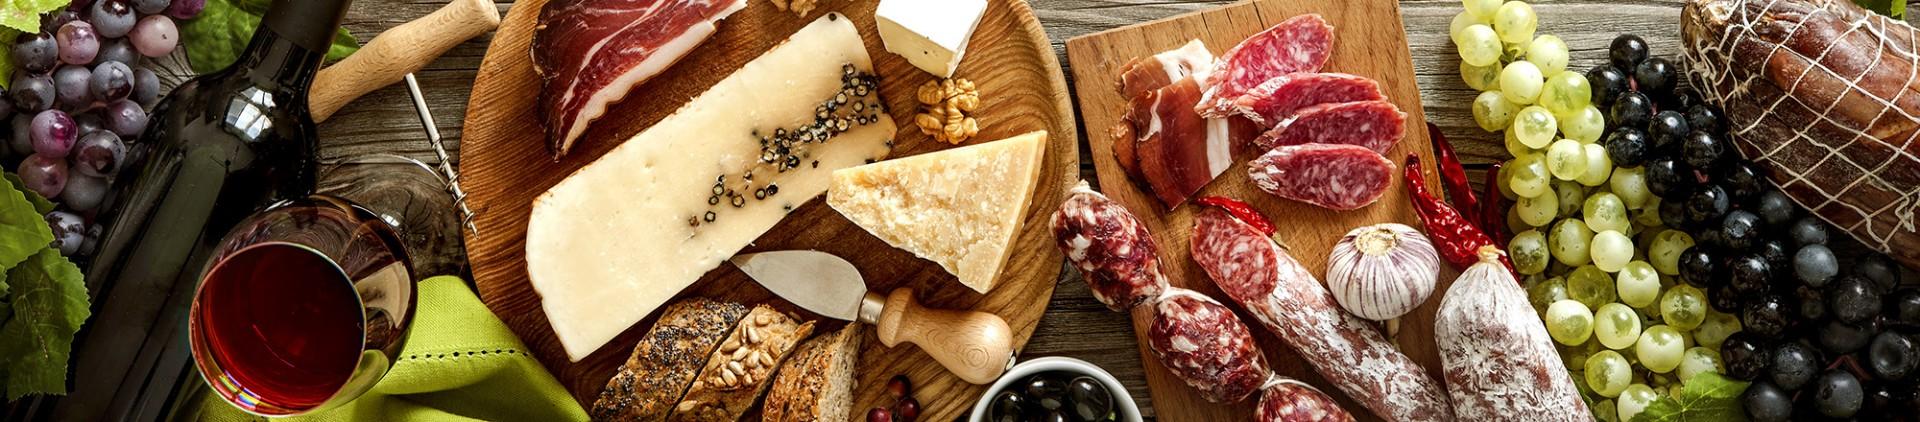 Gastronomie et Terroir - Incontournable en province de Liège